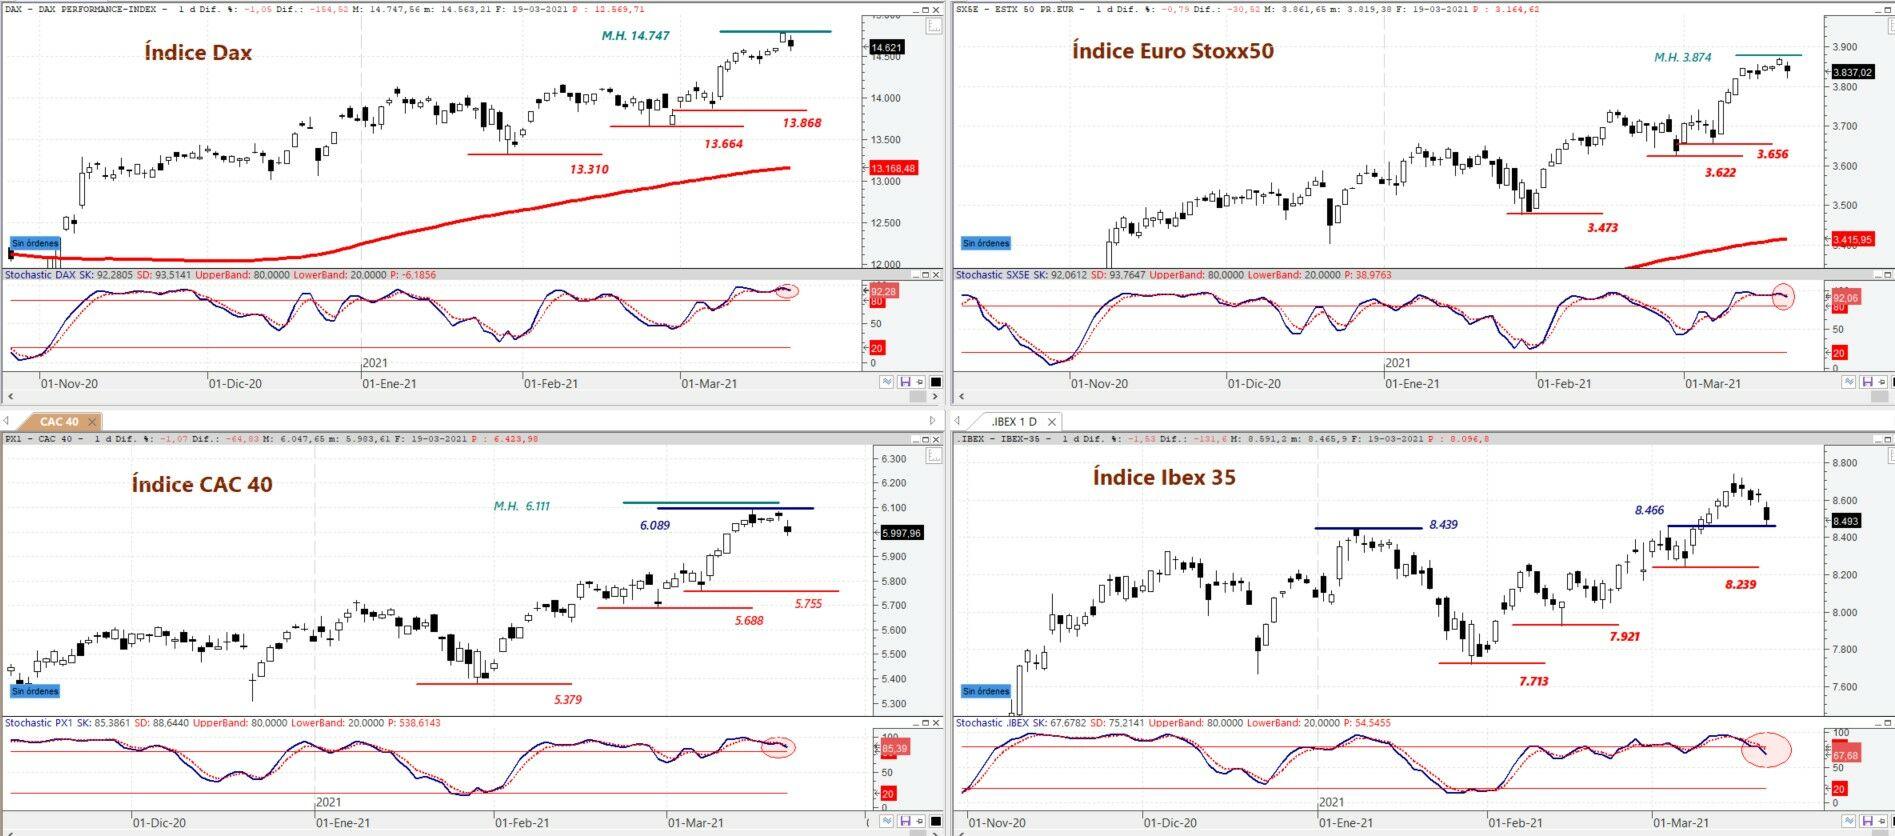 DAX, EURO STOXX 50, CAC 40 e IBEX 35 en gráfico diario